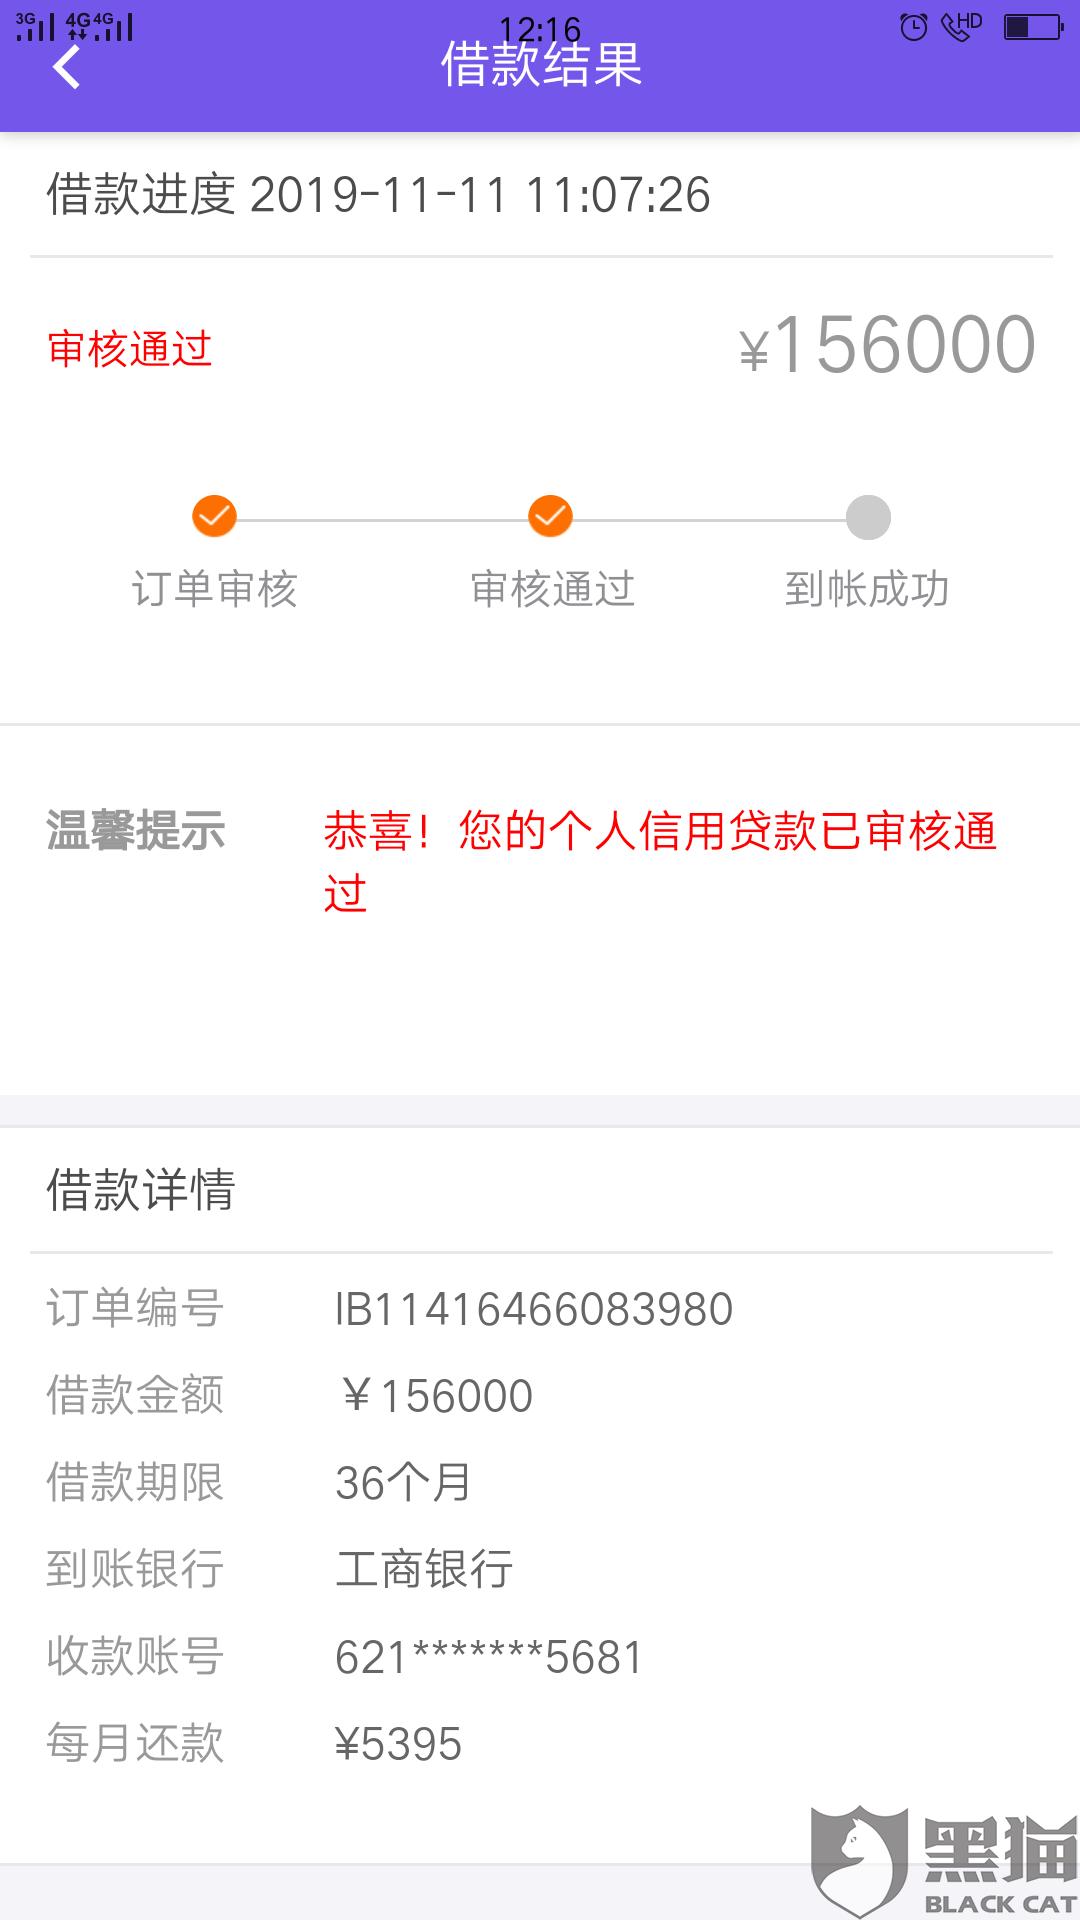 黑猫投诉:360借条的客户经理小刘加我微信,问是否有资金周转问题